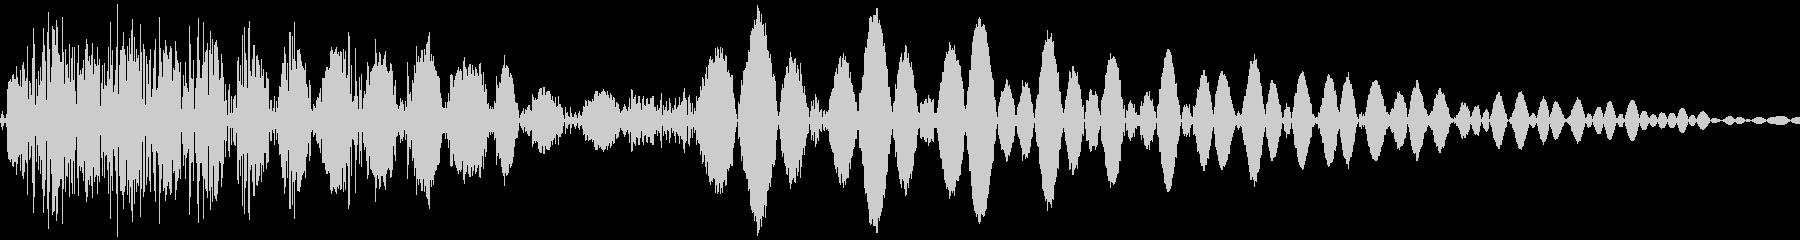 ドスン(落下 決定 跳ねる)の未再生の波形